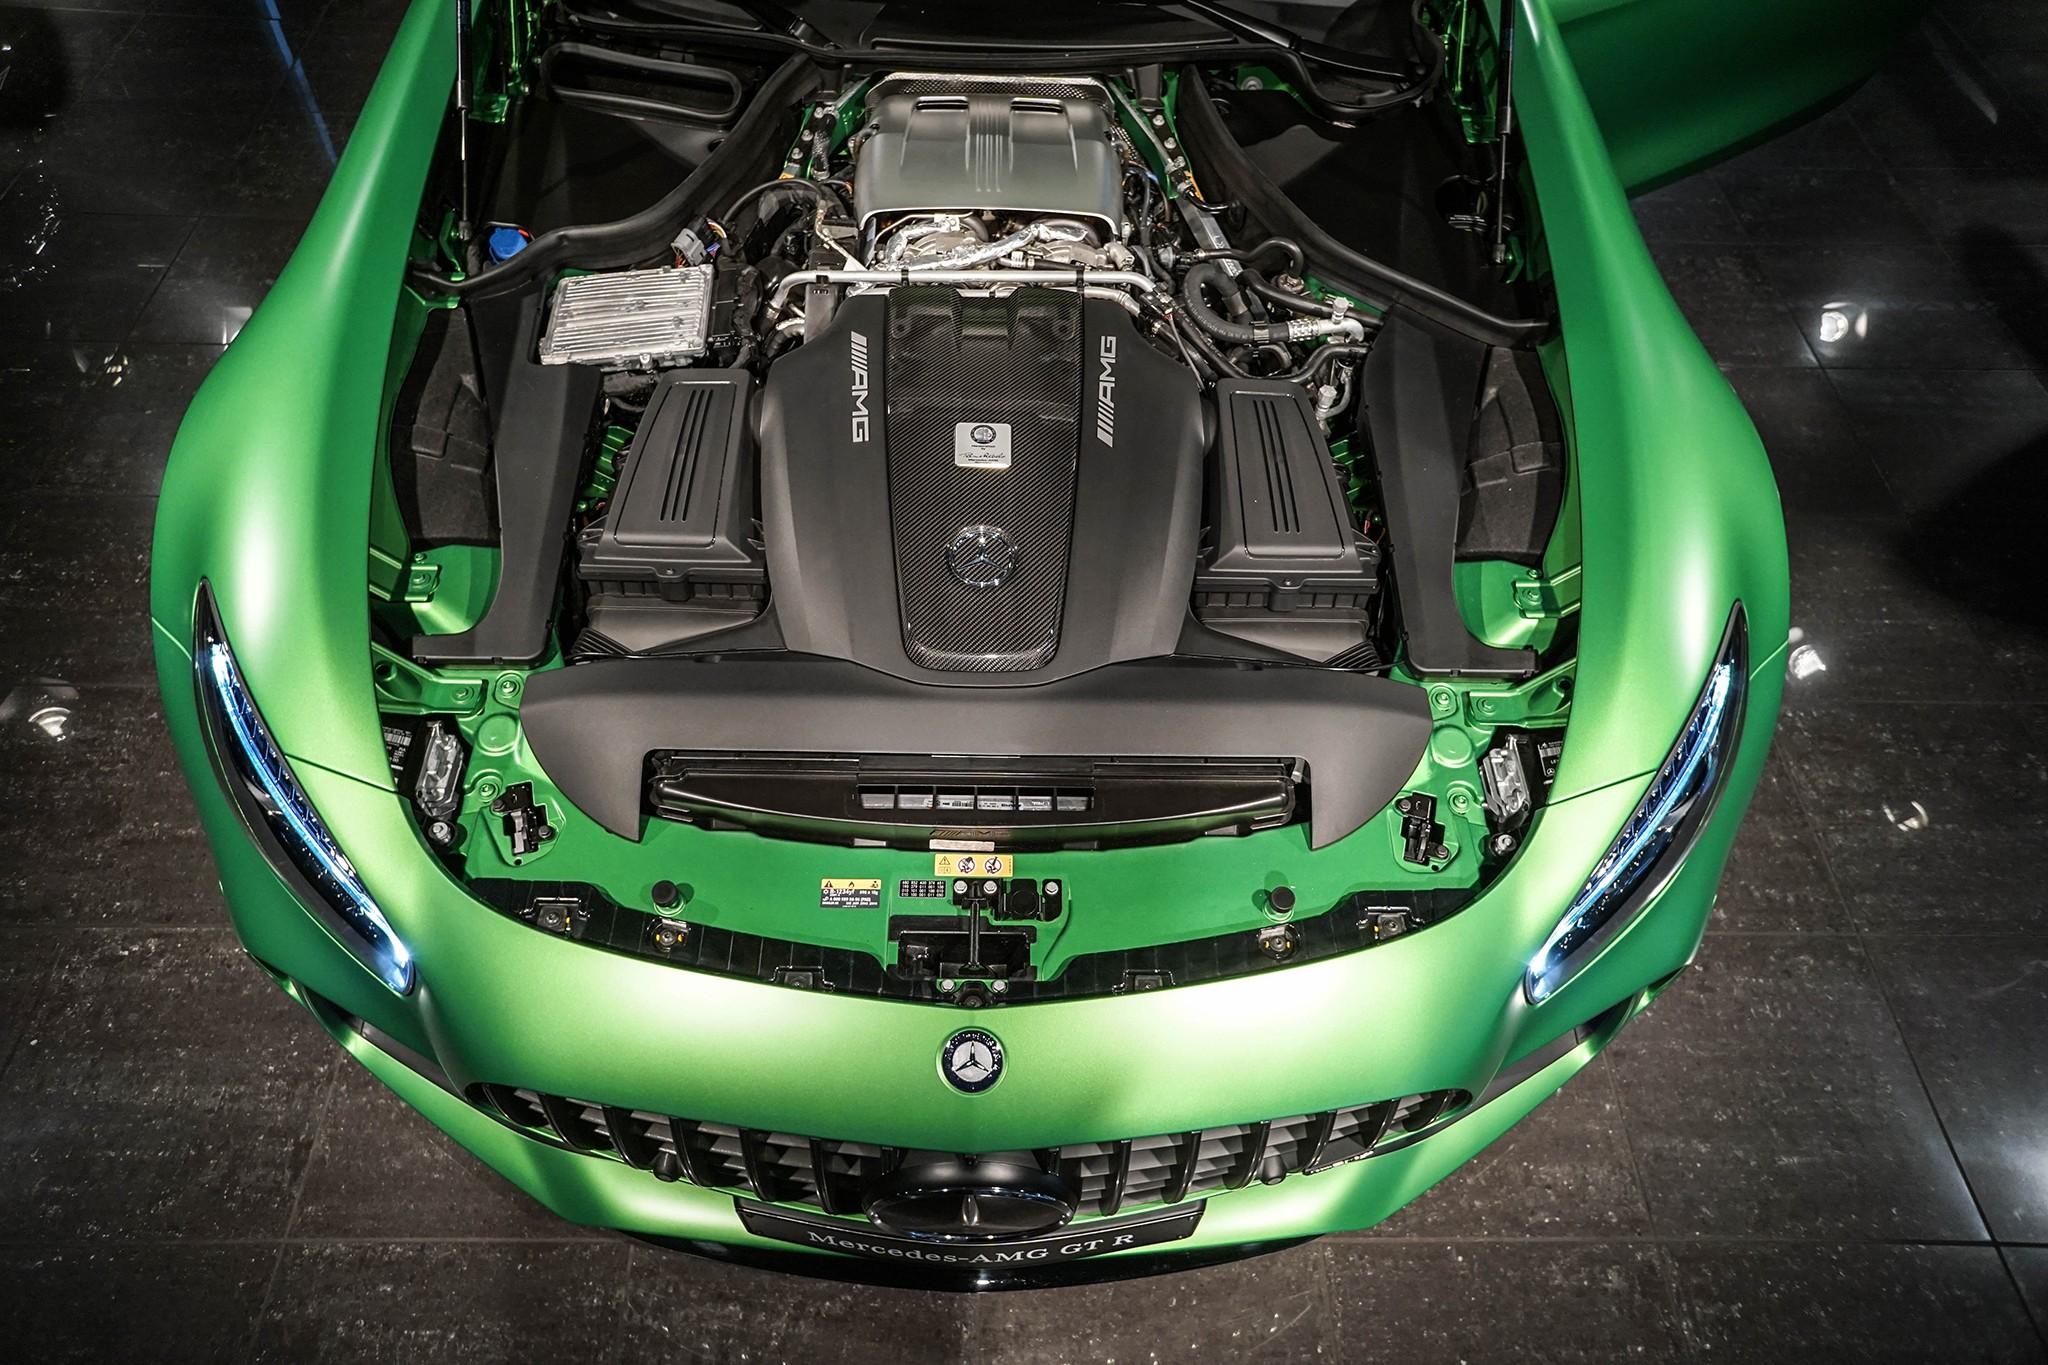 Mercedes-Benz AMG GT R motor pre C63 AMG R